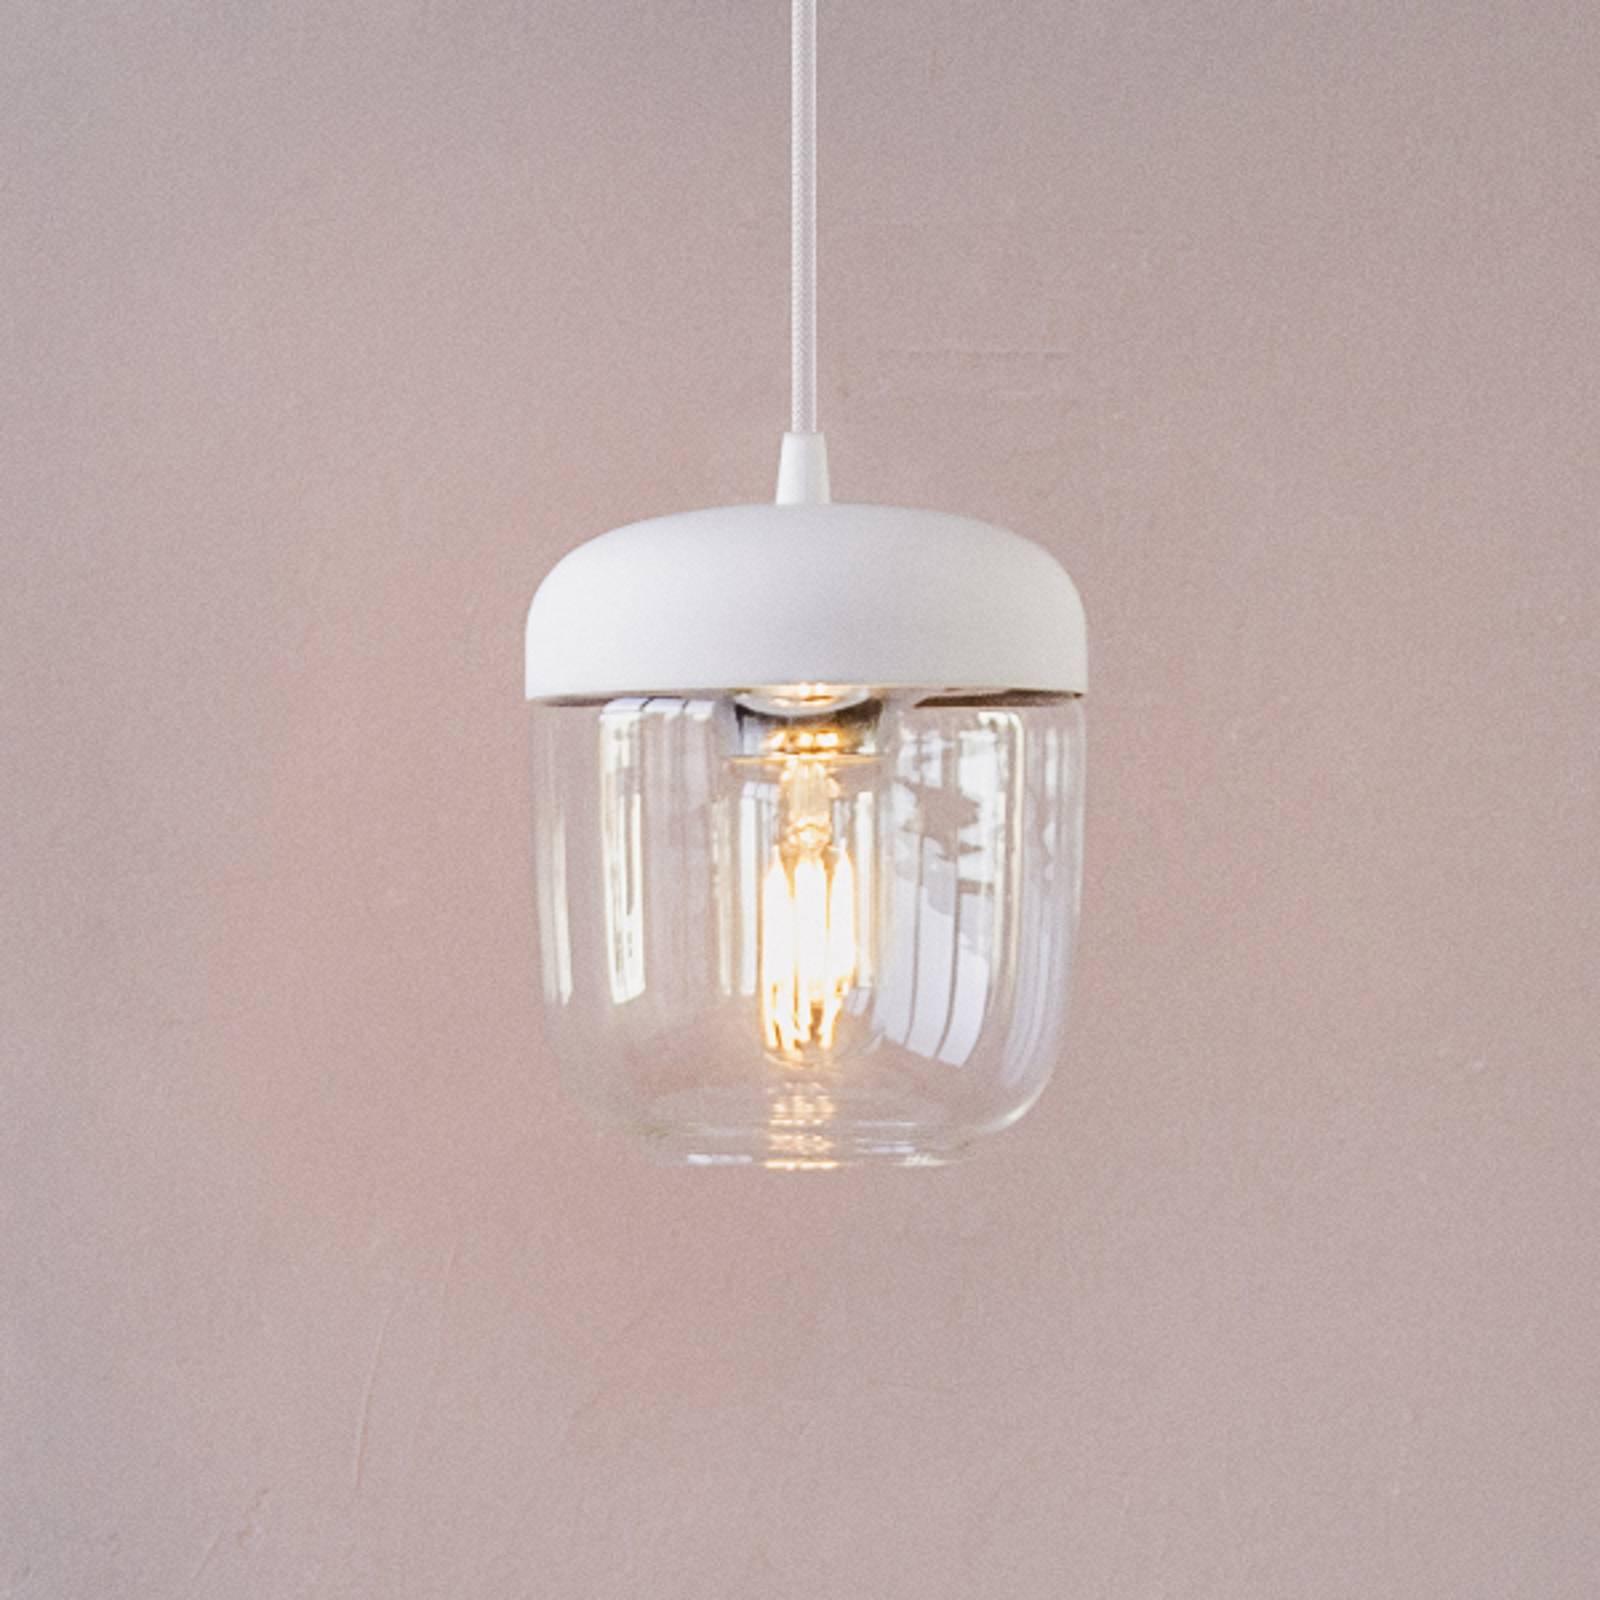 Designerska lampa wisząca Acorn, biała i mosiężna